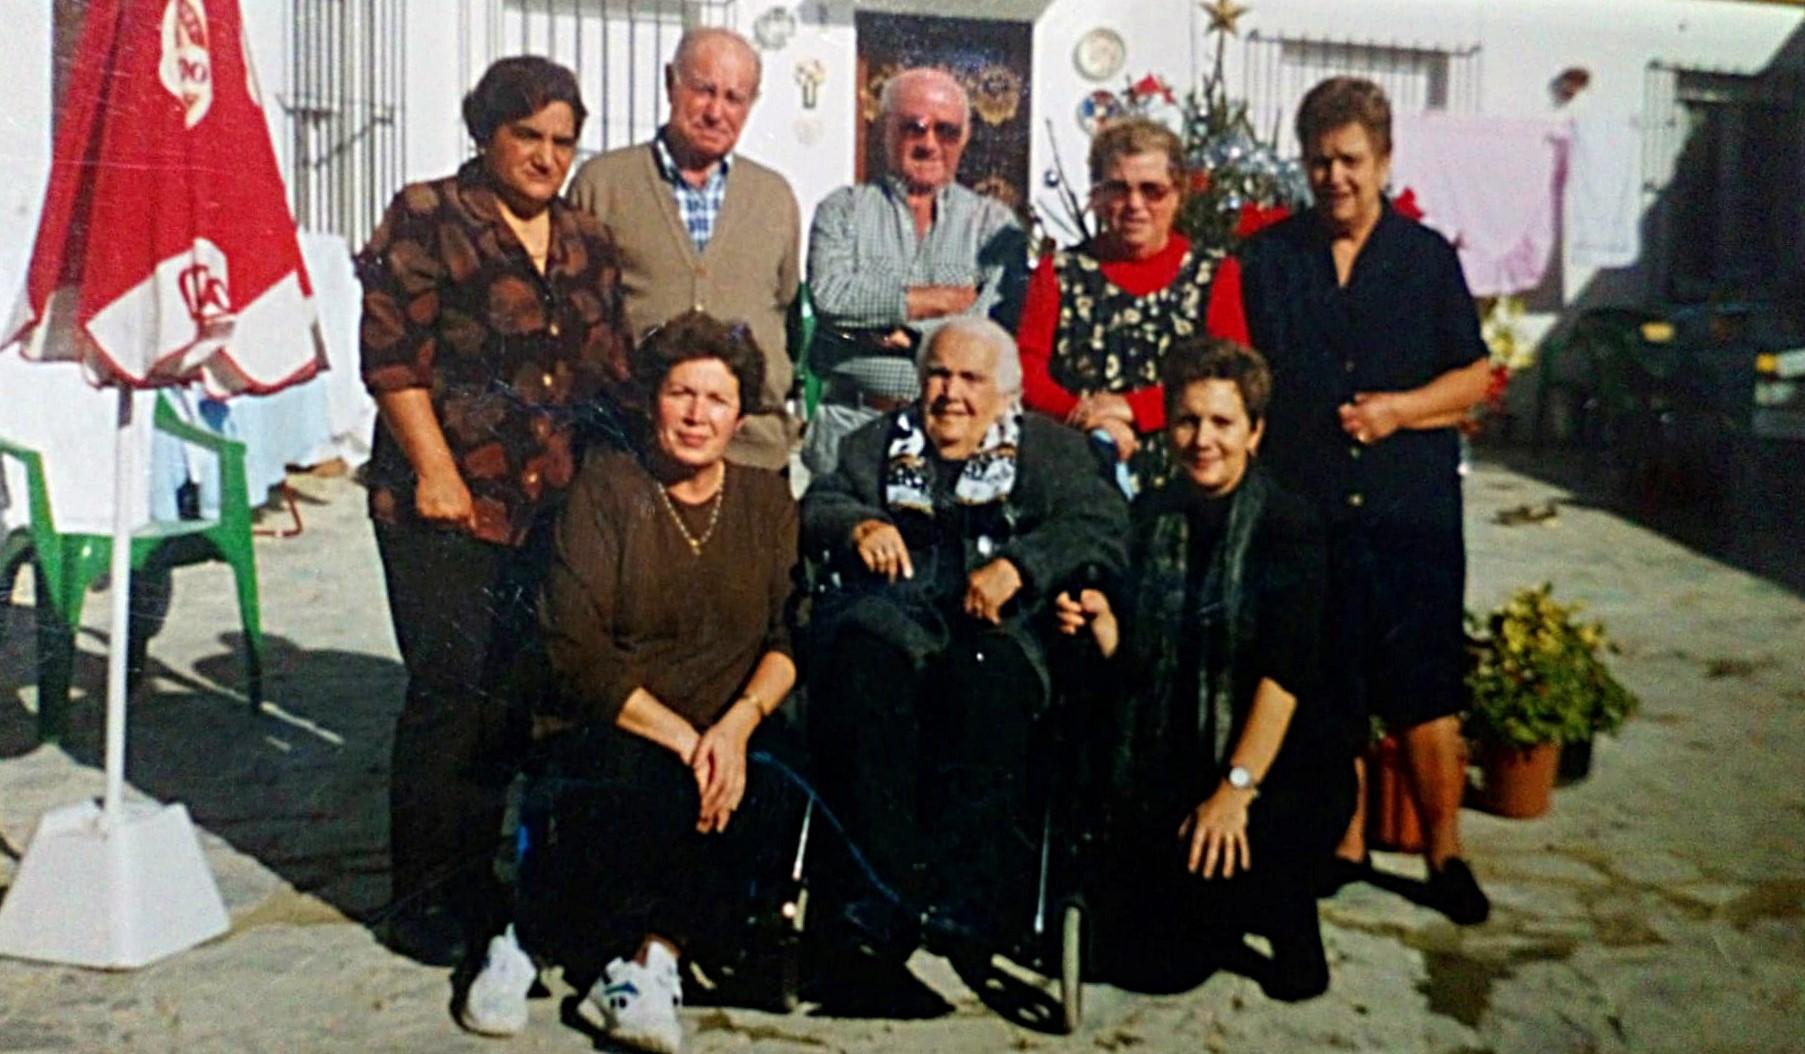 Rosario rodeada de sus vecinos y familiares.